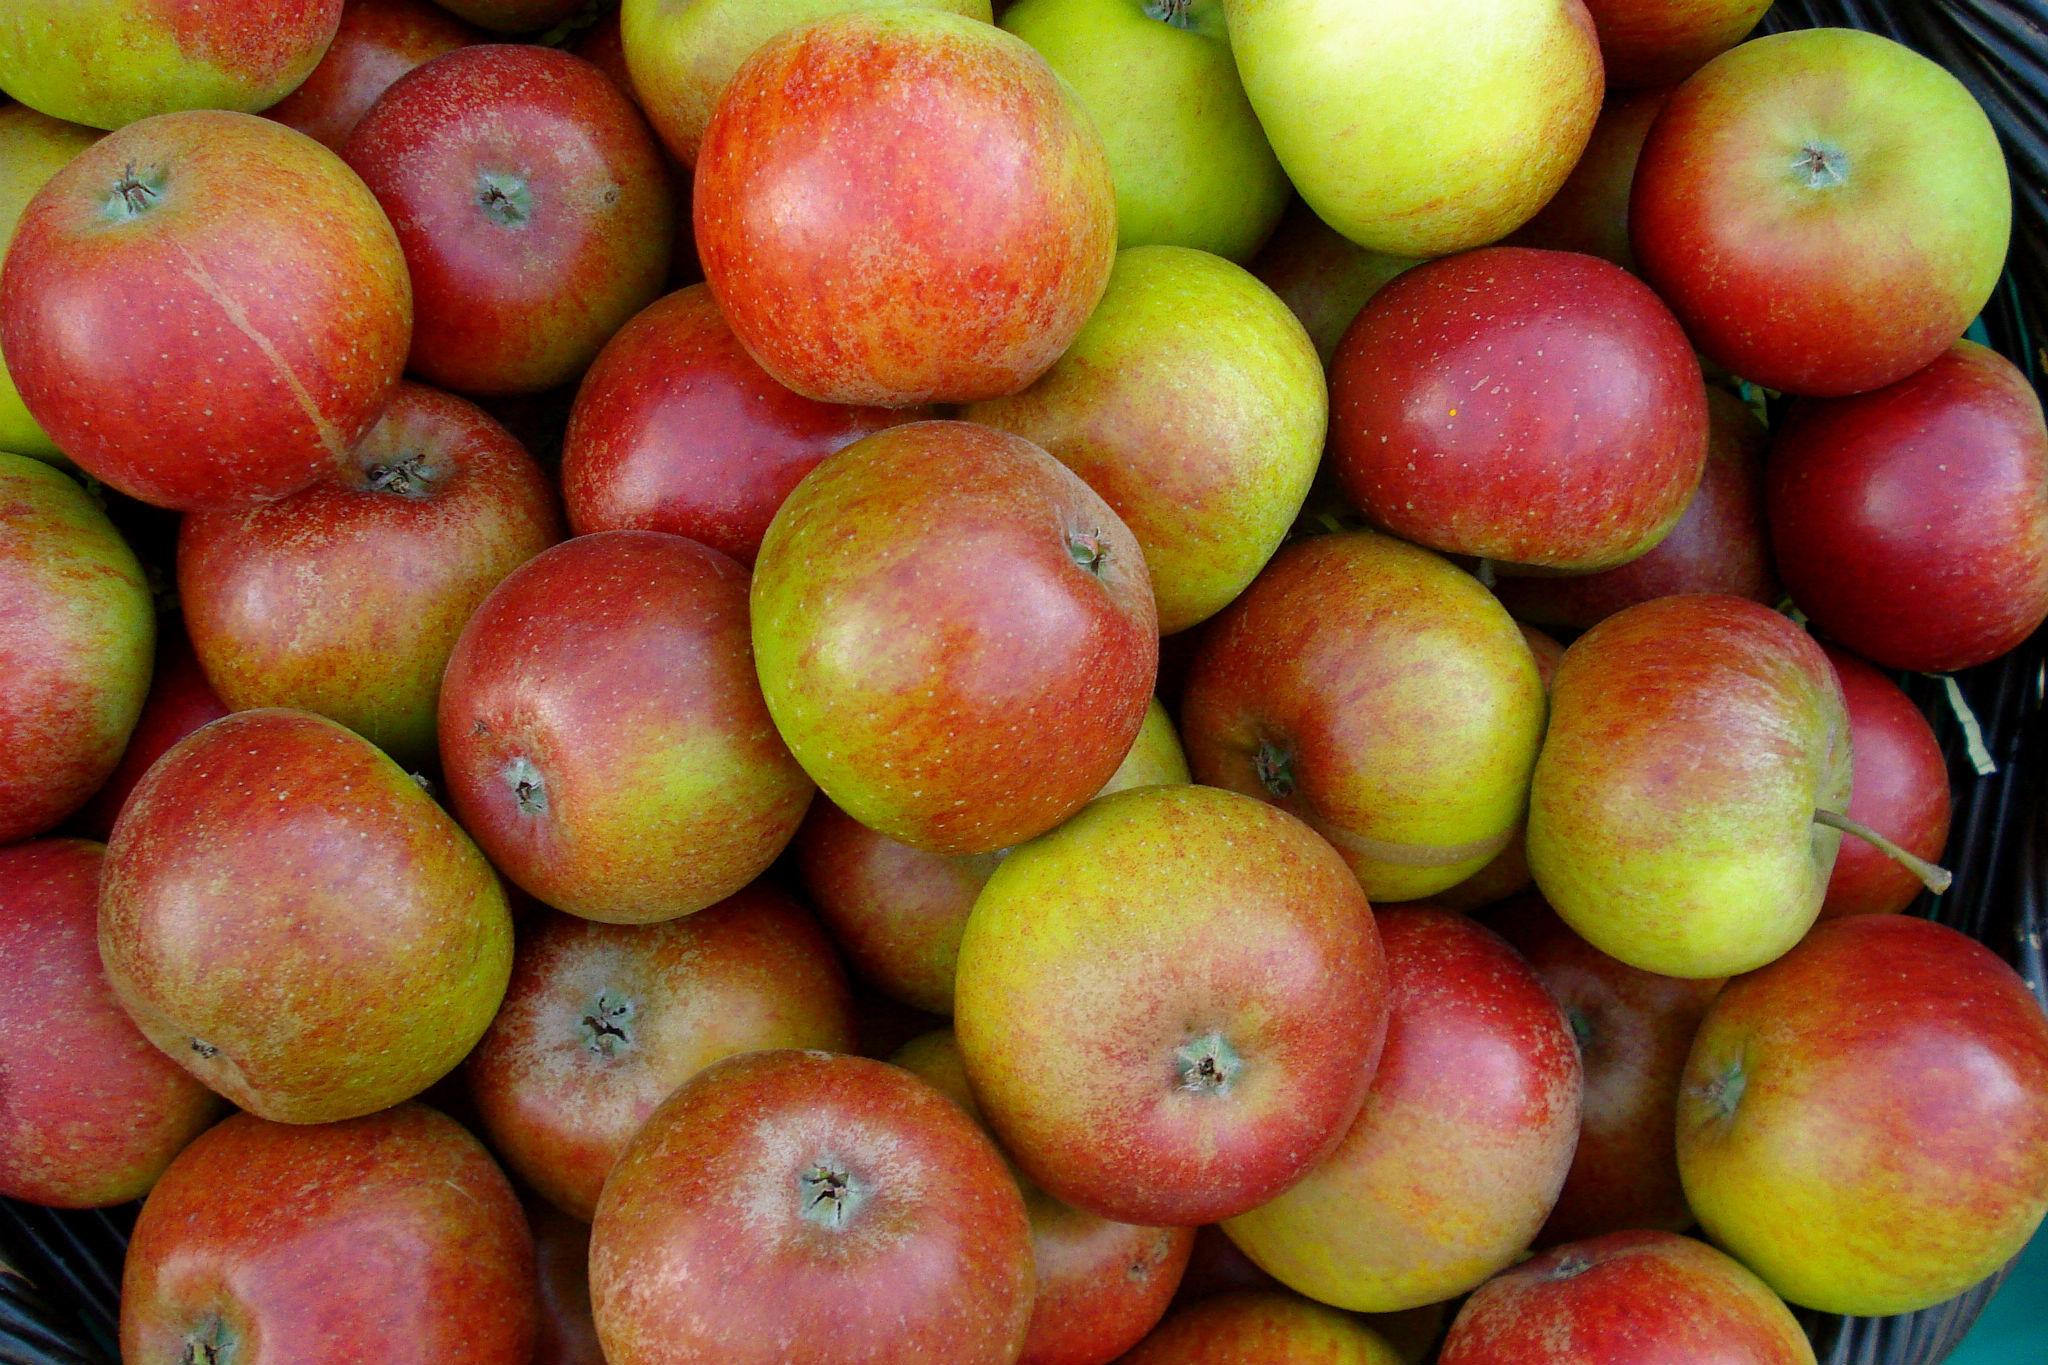 Apples, Cori Tap, Cider